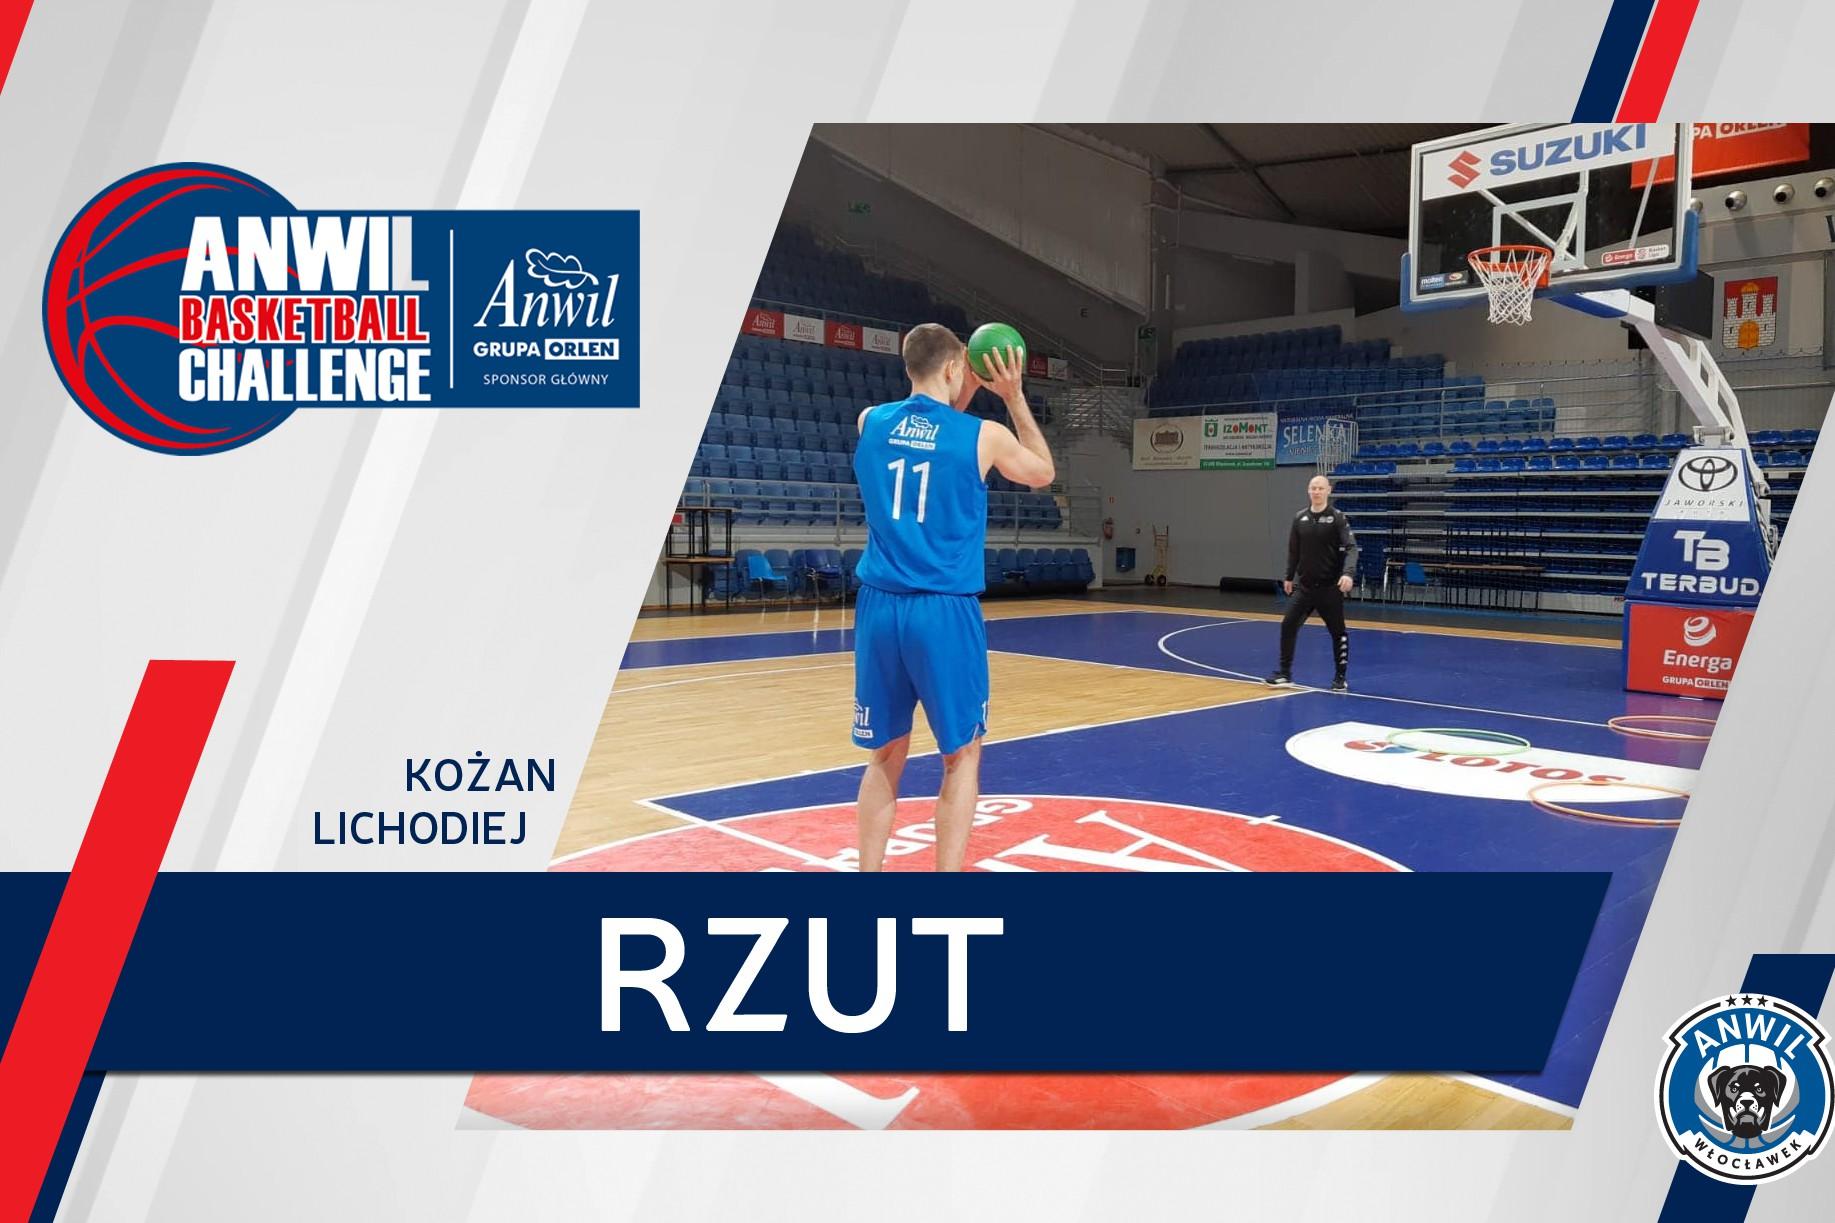 Wideo | Anwil Basketball Challenge #5 - pełna wersja dostępna dla wszystkich